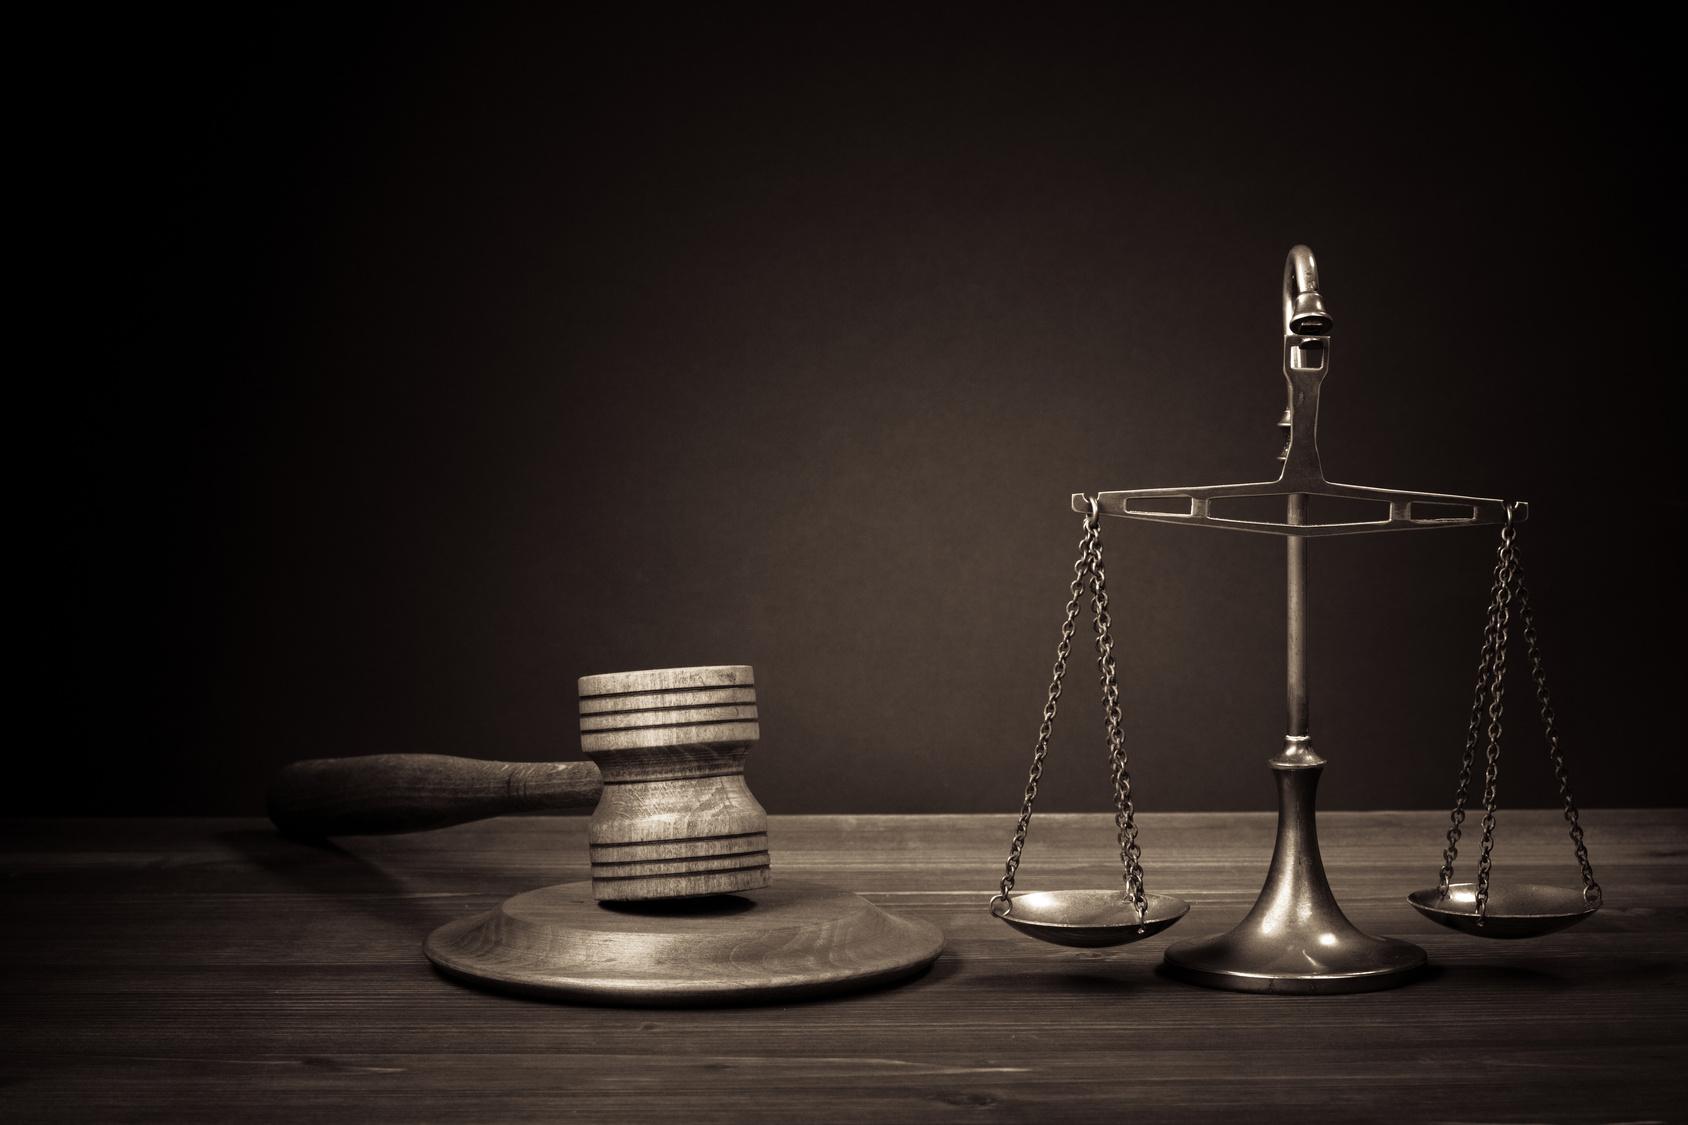 Картинка с весами суда